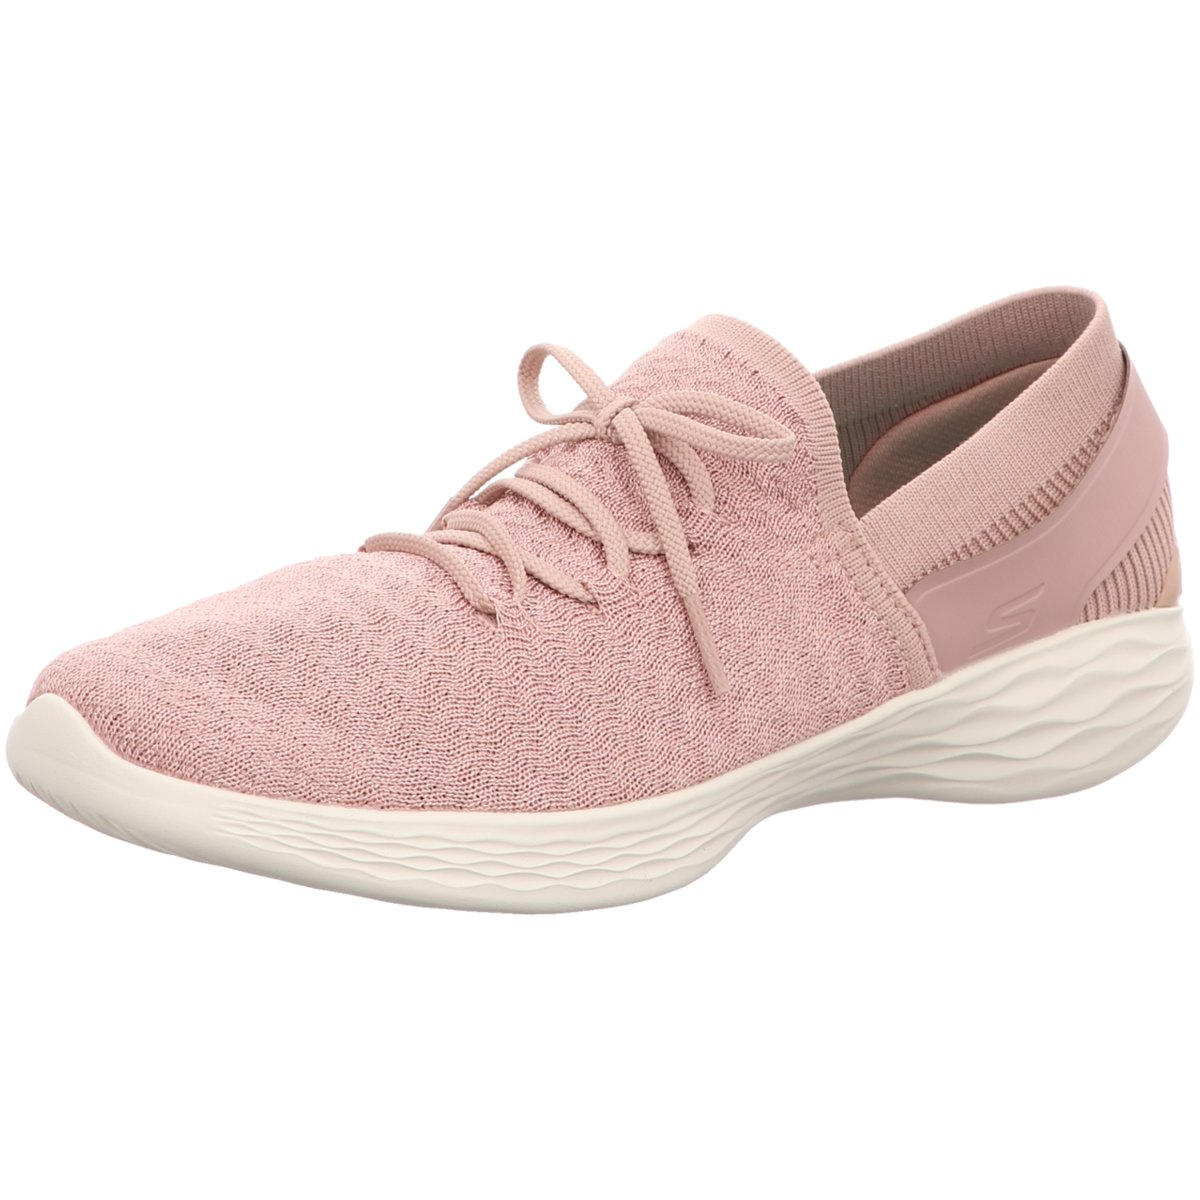 Skechers Damen Sneaker - 14975 MVE Rosa 461409  36 EURosa